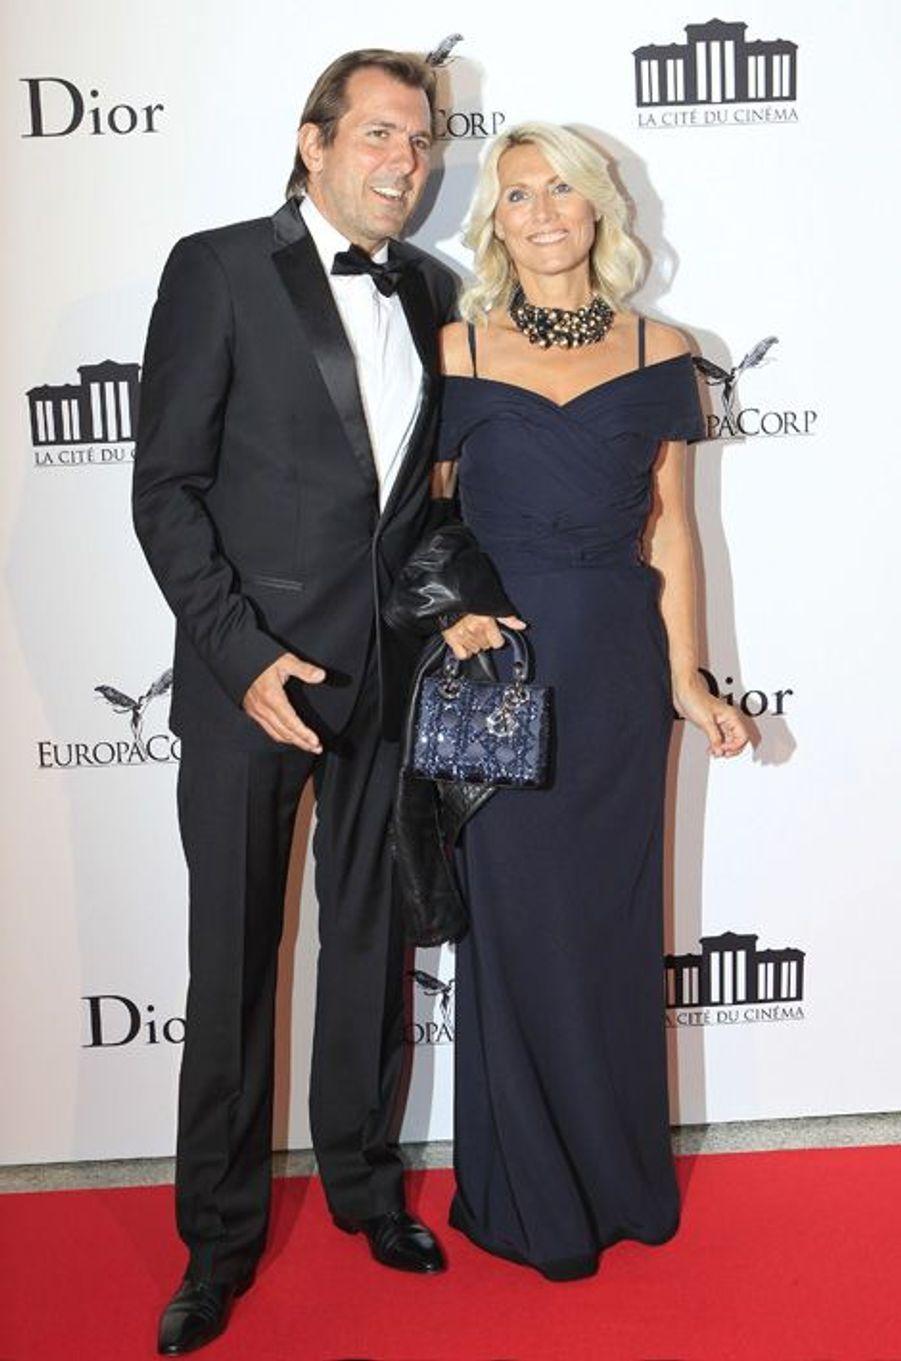 Christophe Lambert et Marie Sara à l'ouverture de la Cité du Cinéma, en septembre 2012.